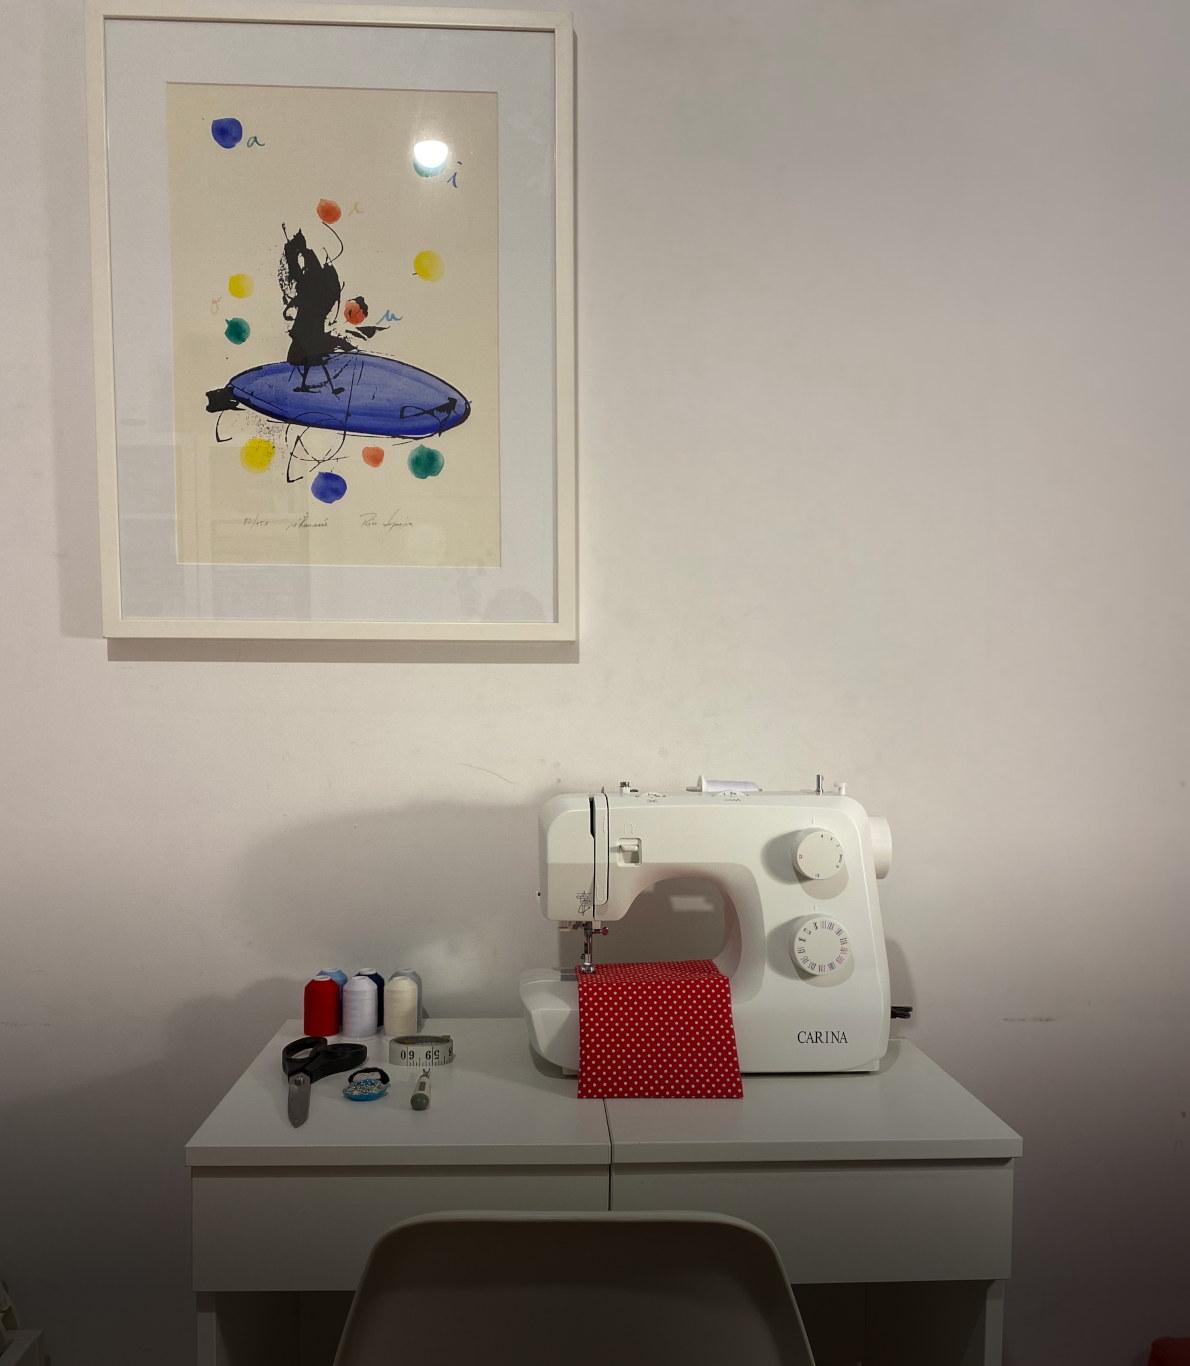 Cantinho da costura com uma máquina própria para a atividade e o material de trabalho